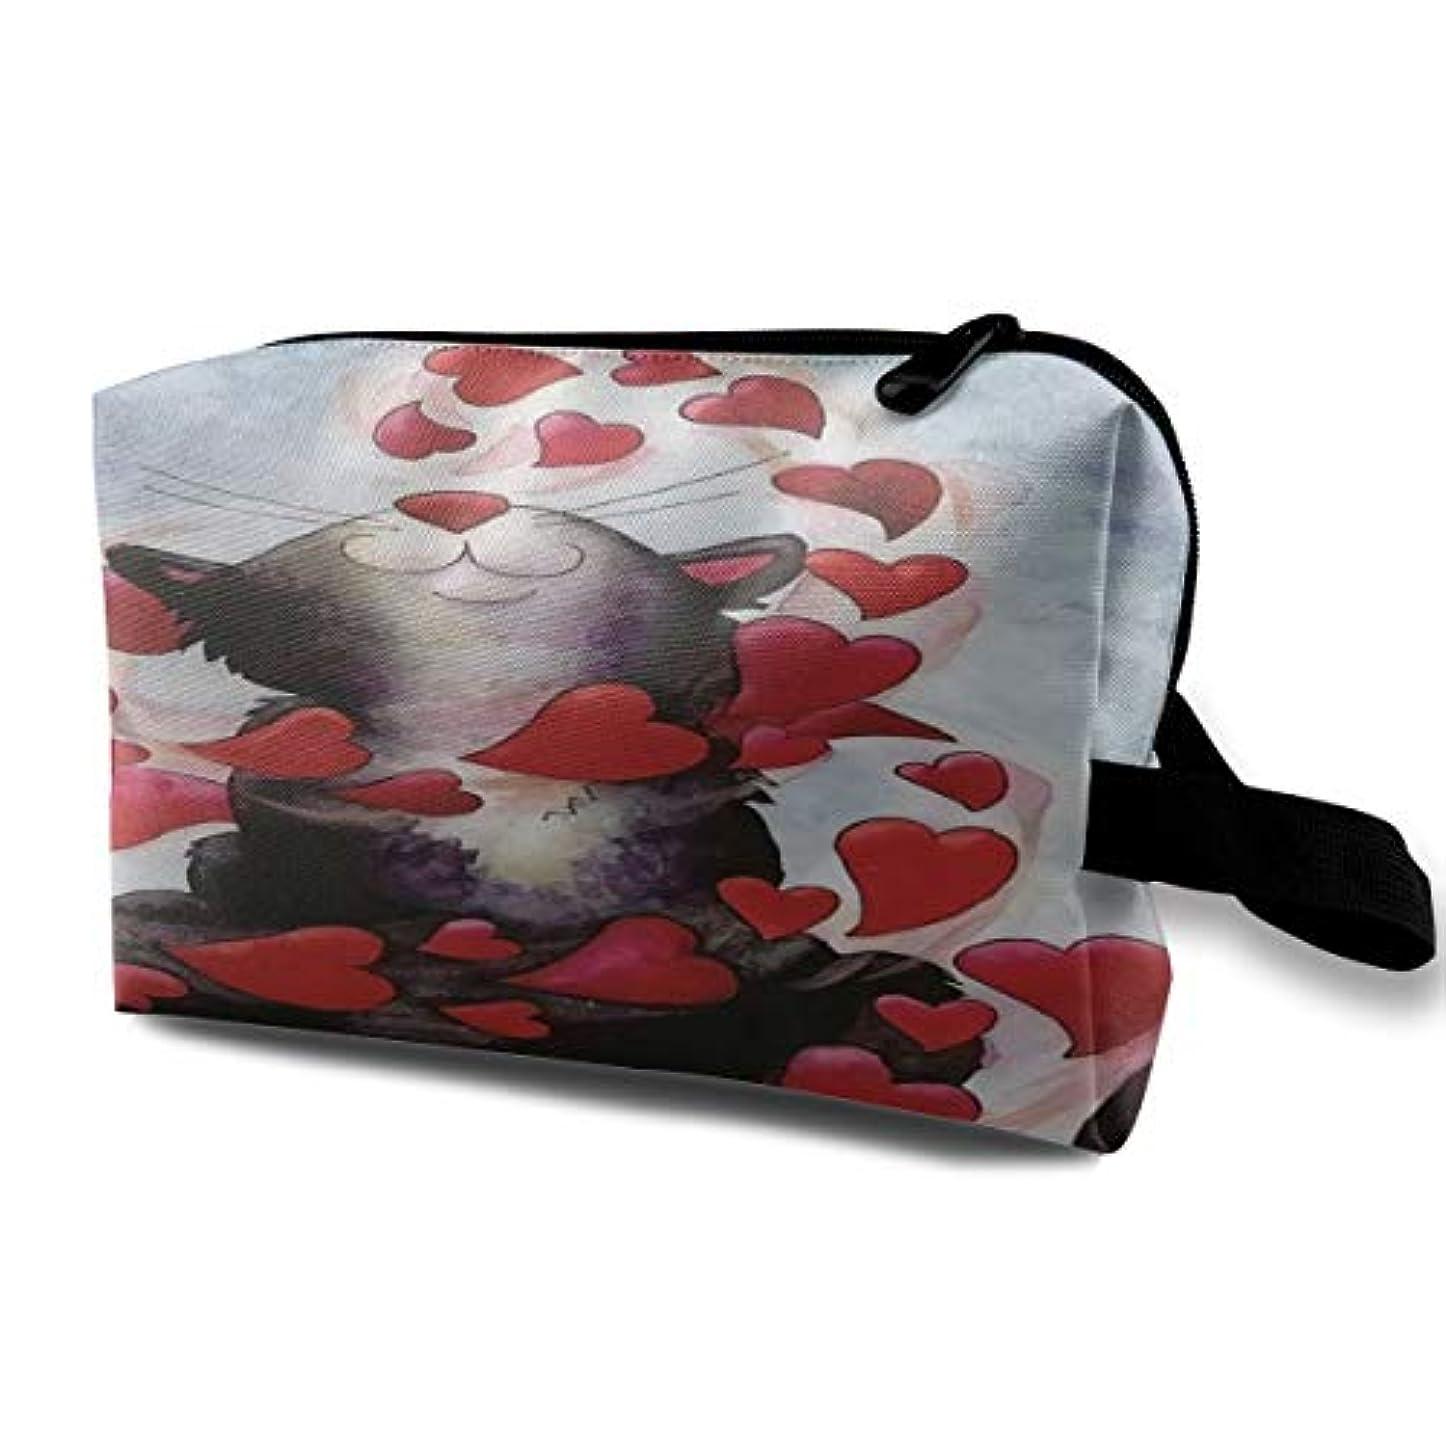 マートファーザーファージュ揮発性Black Cat Play Red Hearts Happy Valentine's Day 収納ポーチ 化粧ポーチ 大容量 軽量 耐久性 ハンドル付持ち運び便利。入れ 自宅?出張?旅行?アウトドア撮影などに対応。メンズ レディース トラベルグッズ